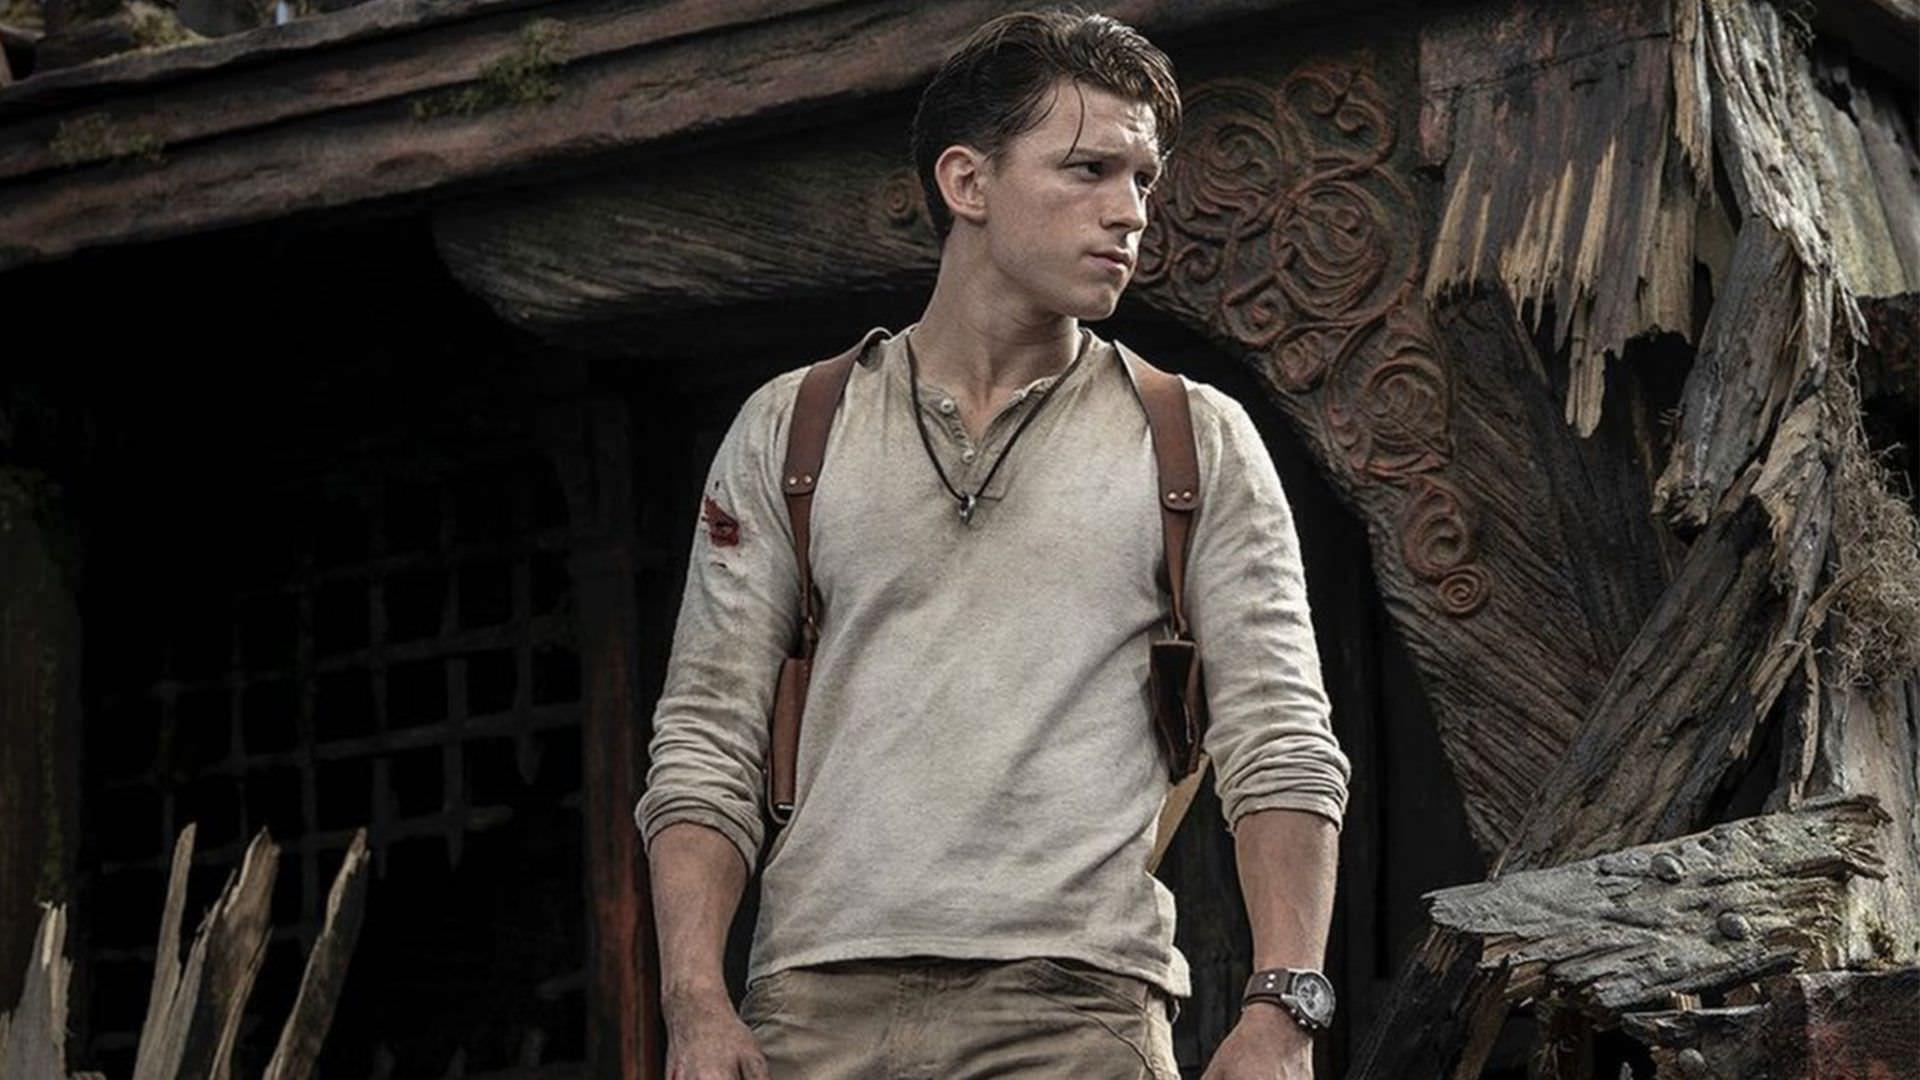 سونی بعد از فیلم Uncharted و سریال The Last of Us به سراغ سایر بازیهای پلی استیشن خواهد رفت